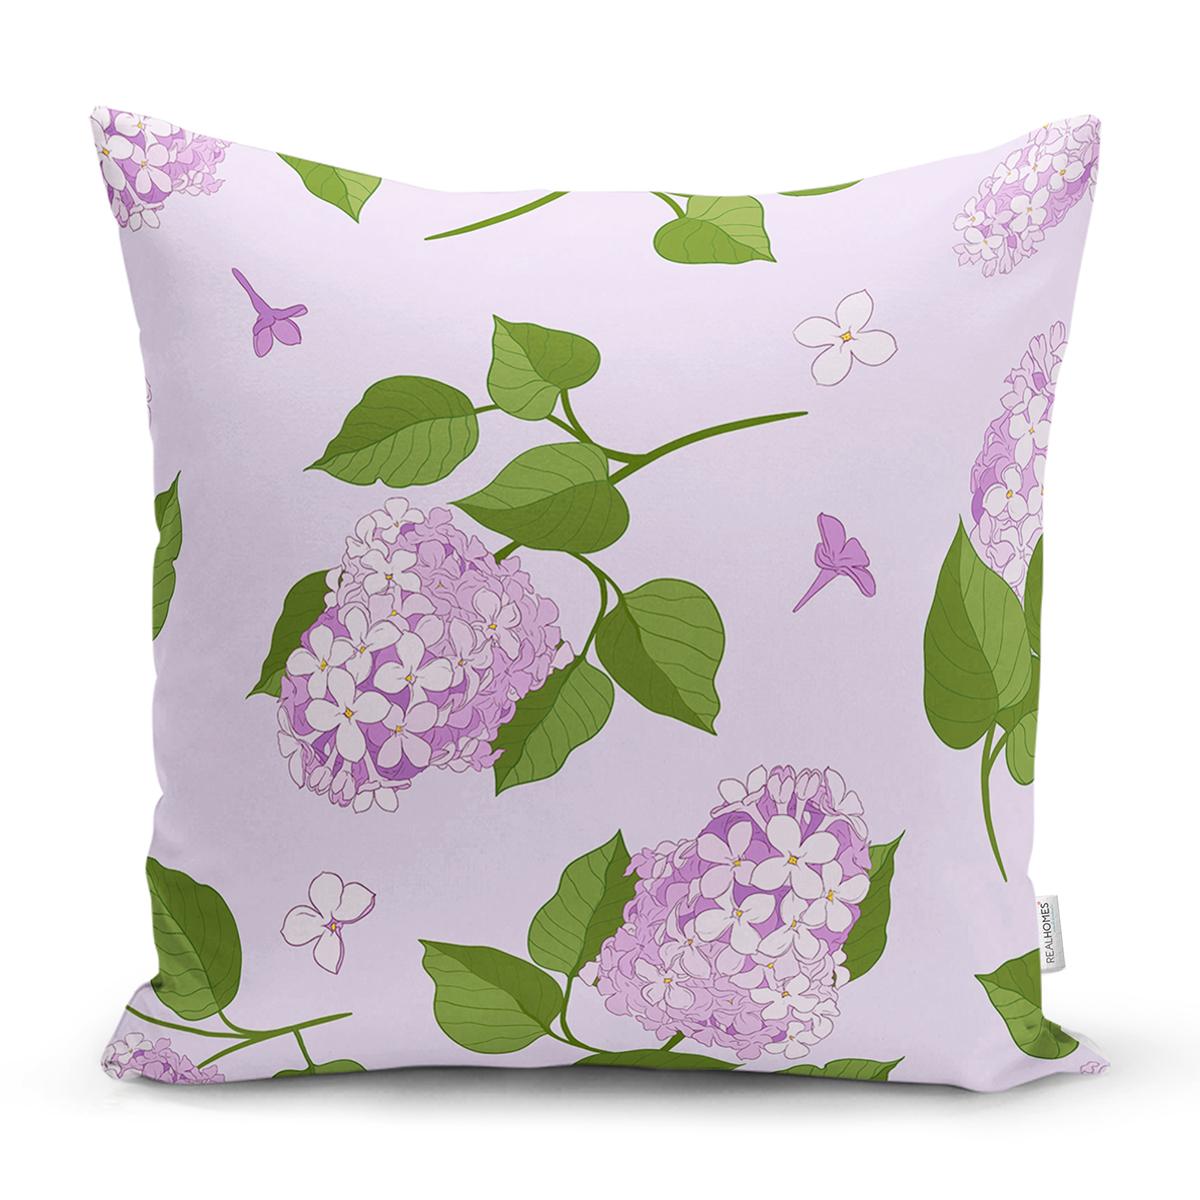 Renkli Zemin Üzerinde Yeşil Yapraklı Çiçek Desenli Modern Yastık Kırlent Kılıfı Realhomes